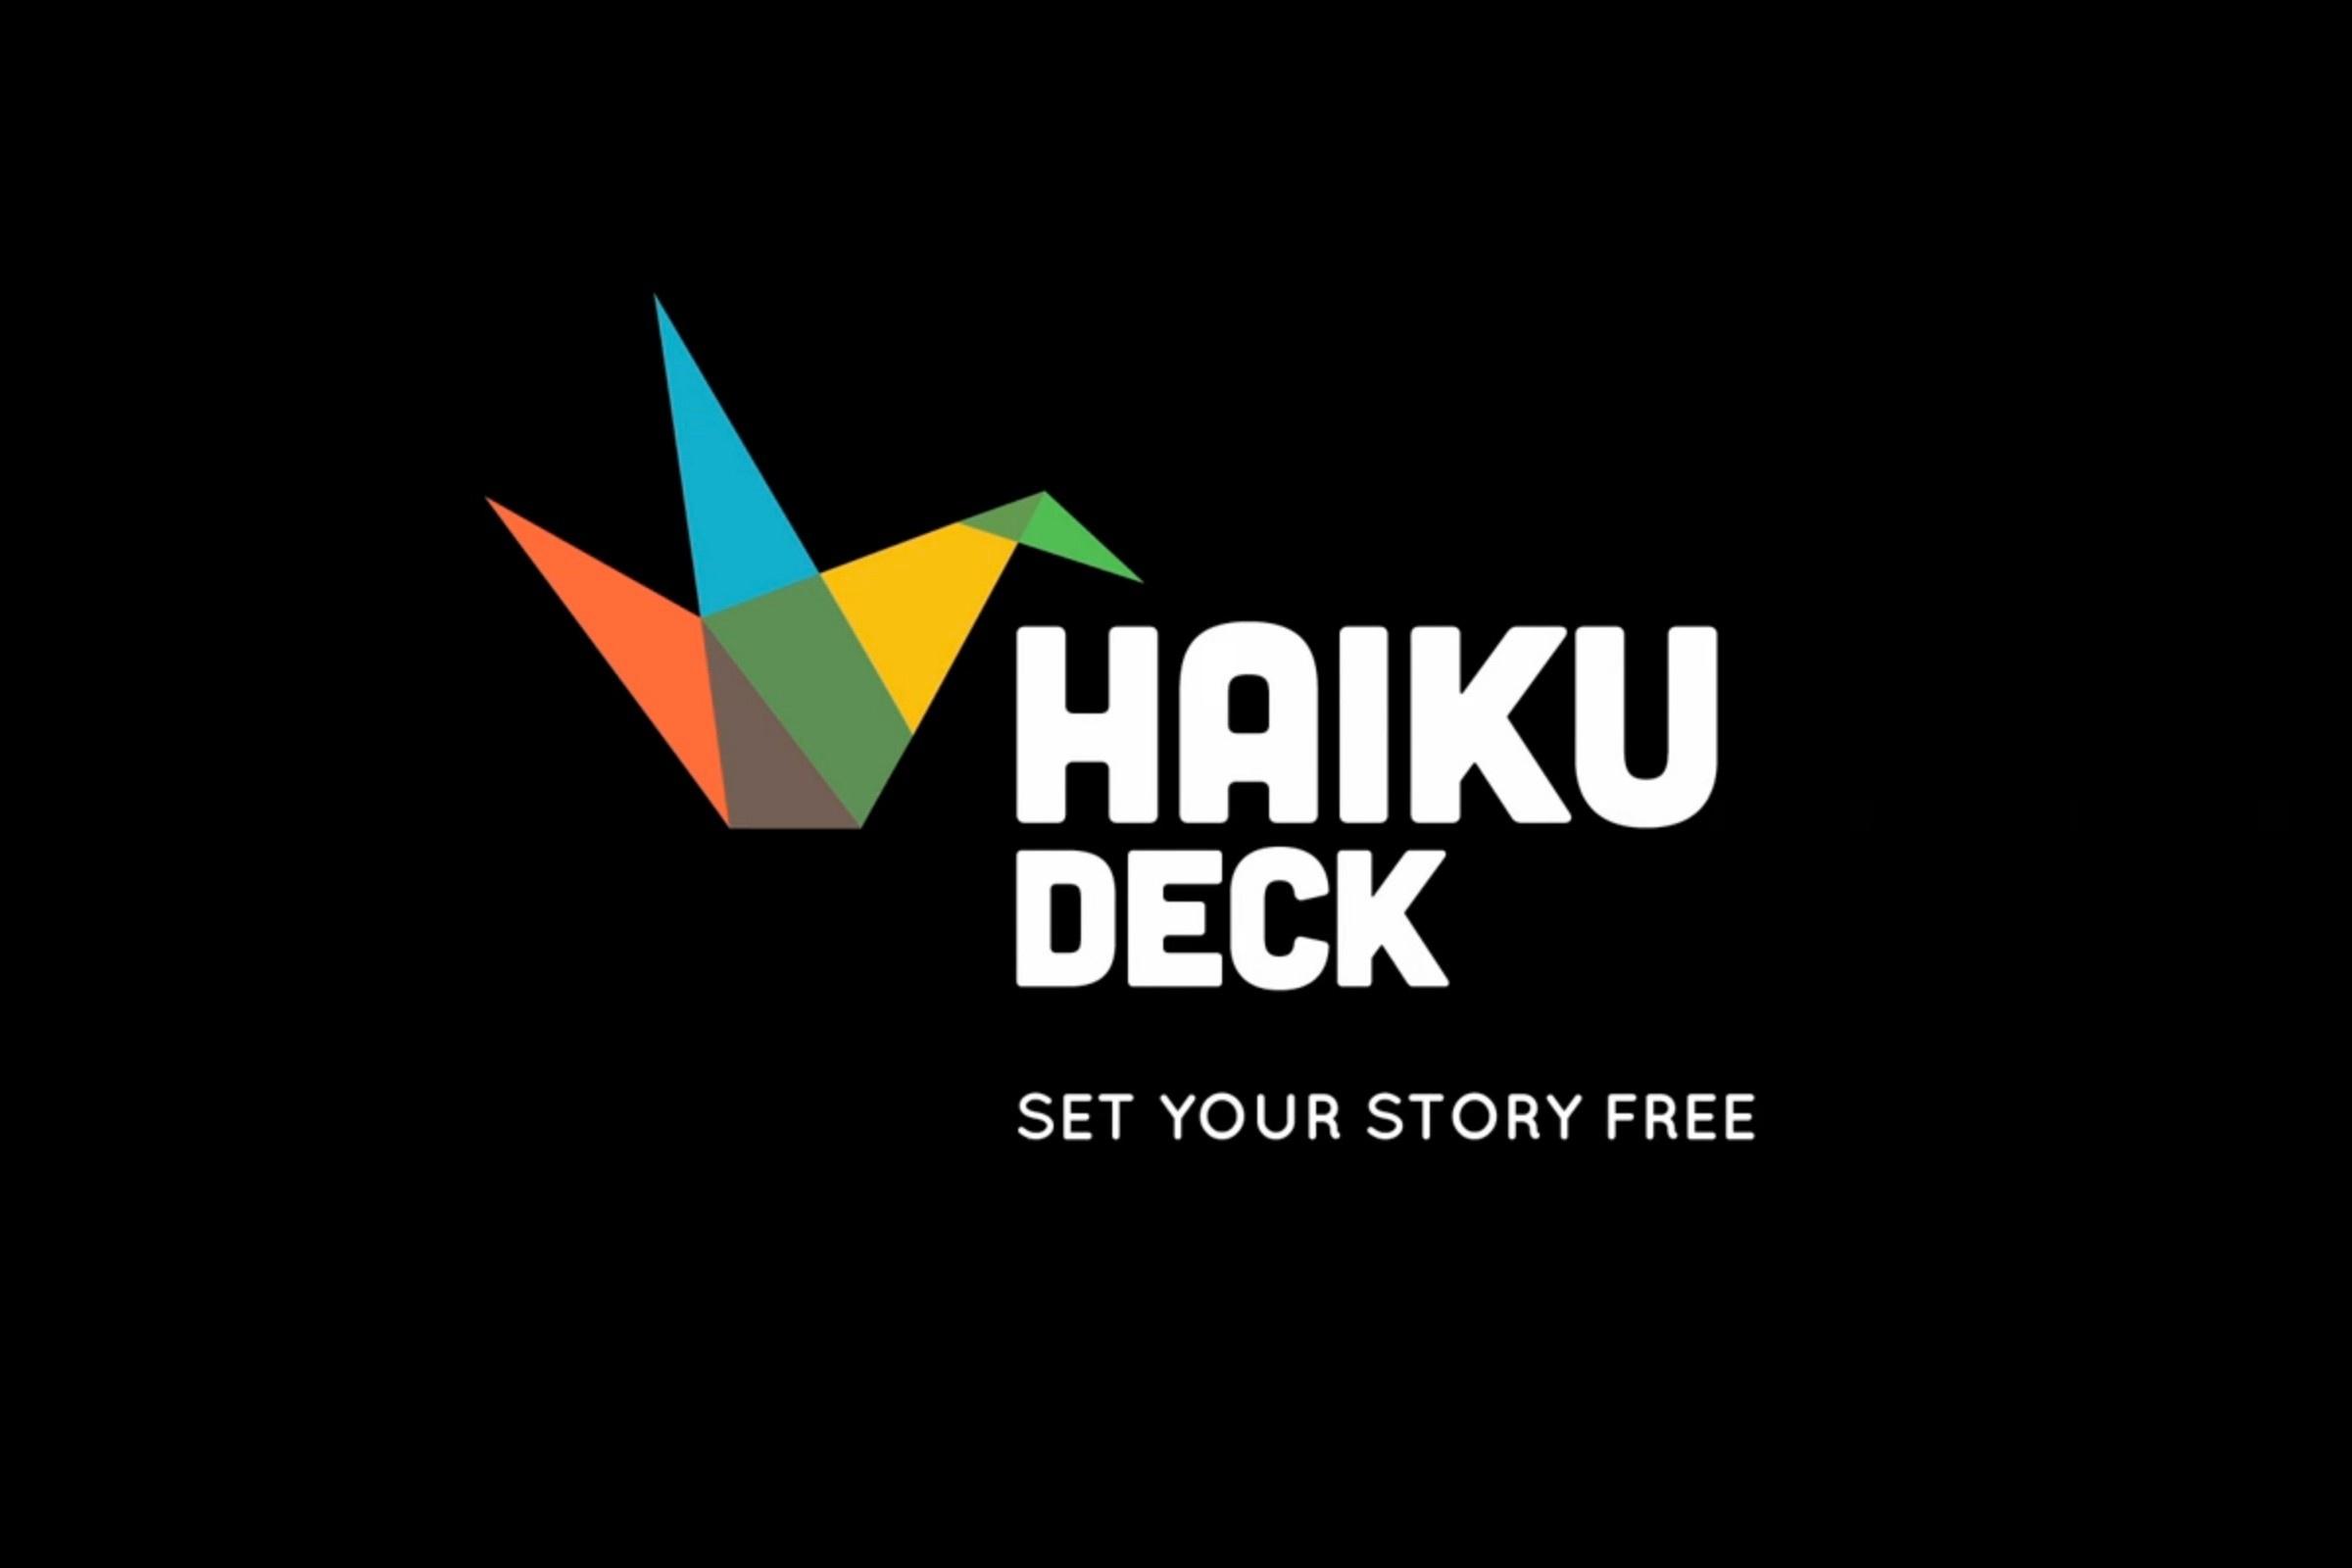 haikudeck-1